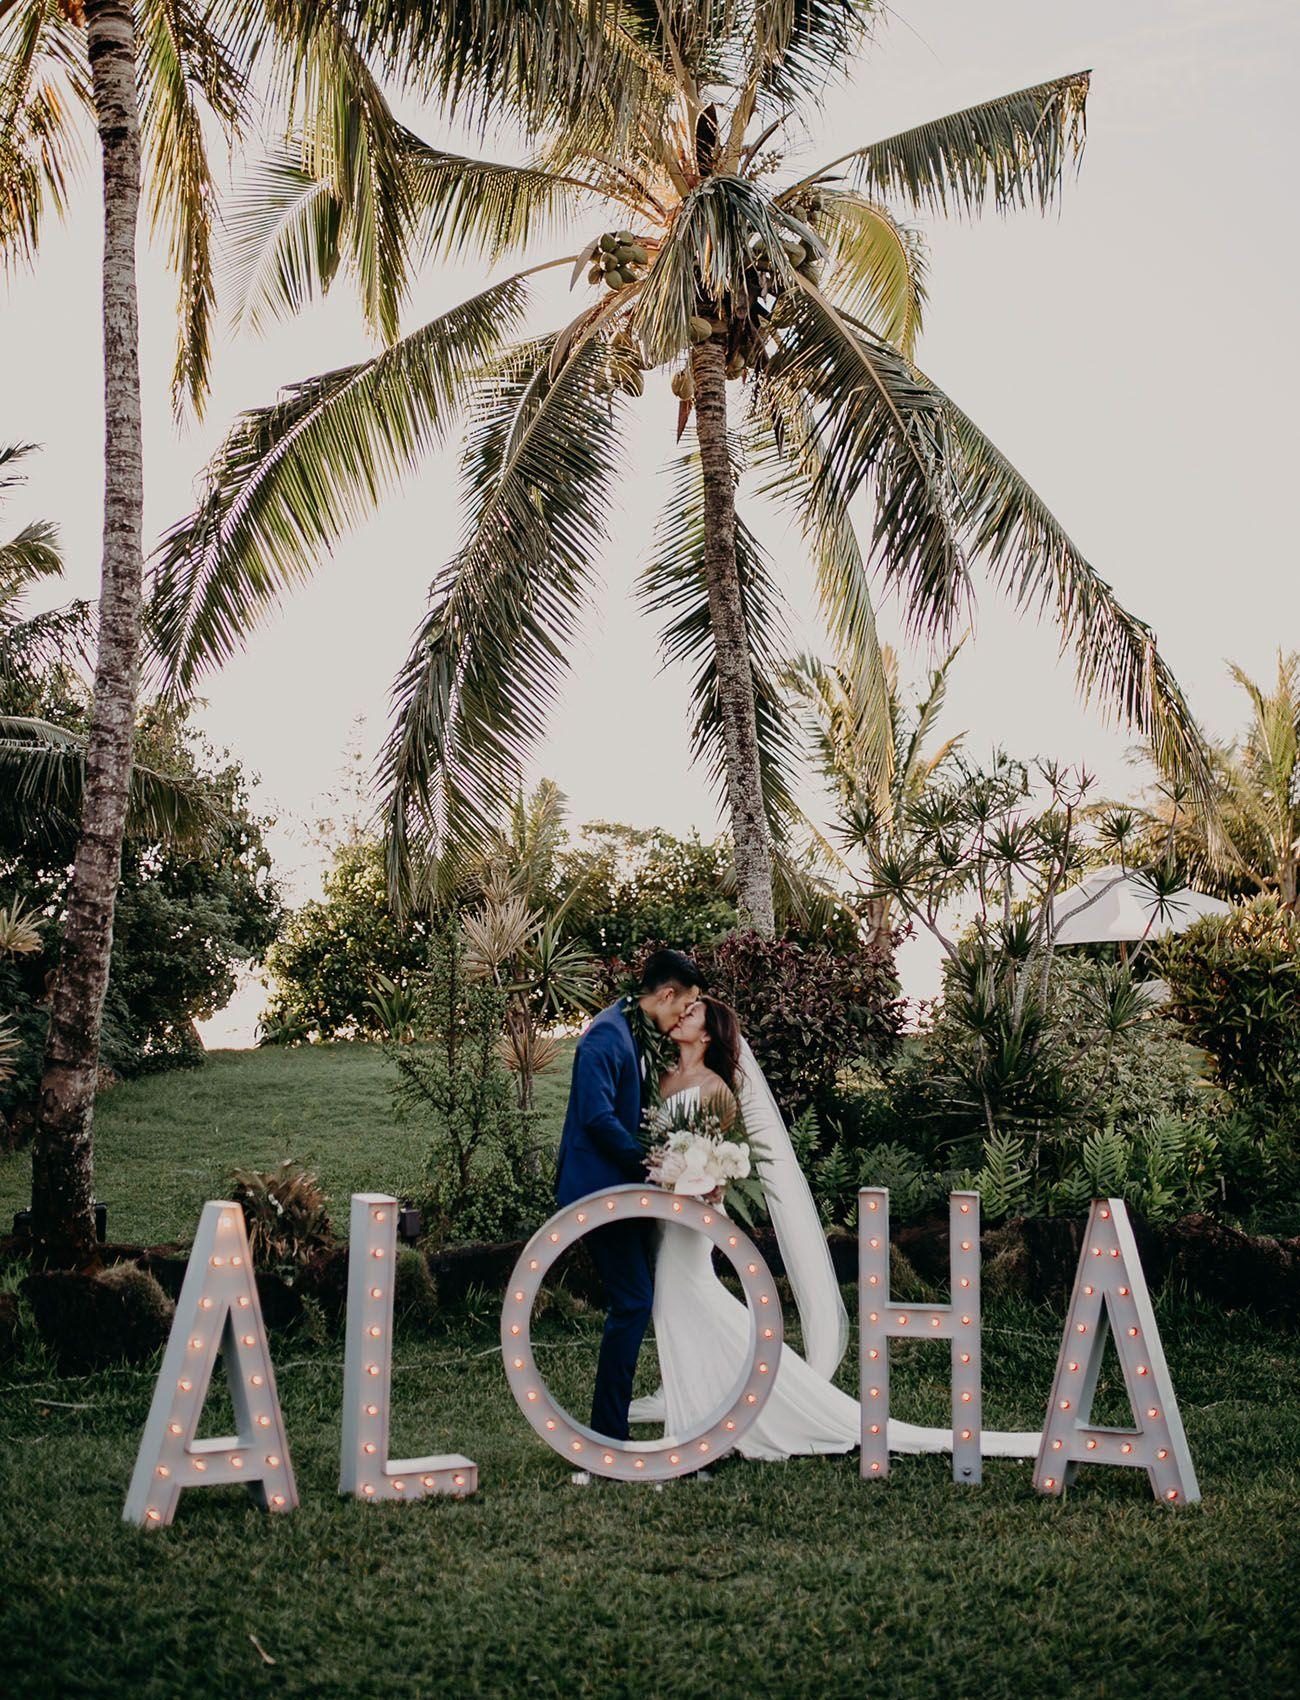 Tropical Bliss Lush Beachfront Wedding At A Palm Farm Estate In